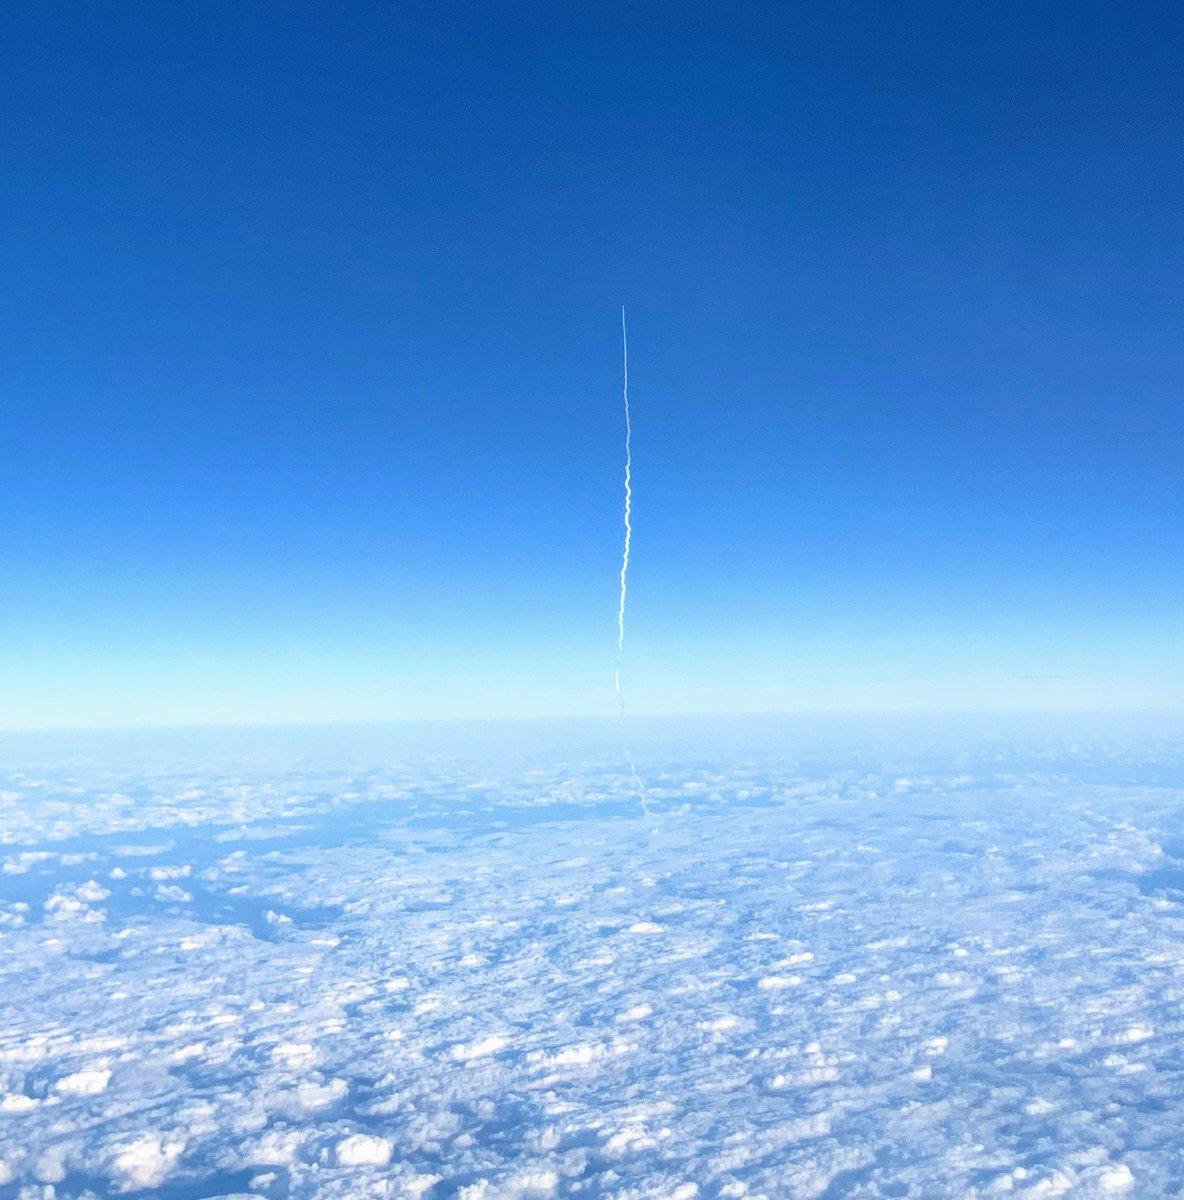 機内からH2Aロケット打ち上げにたまたま遭遇。